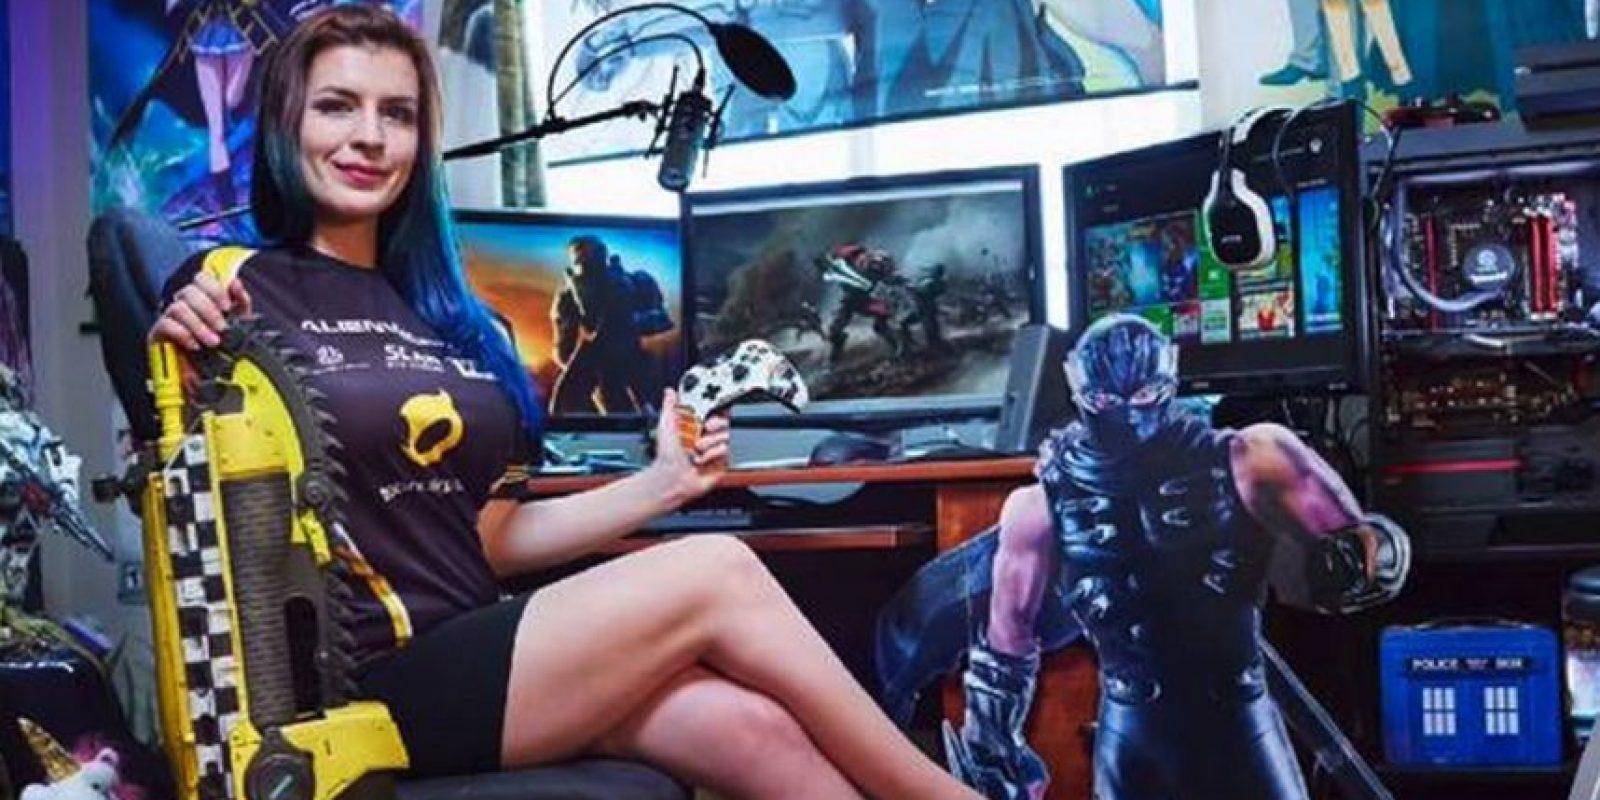 La joven estadounidense de 27 años tiene ganancias más altas que cualquier otra jugadora Foto:instagram.com/mystikgunn/